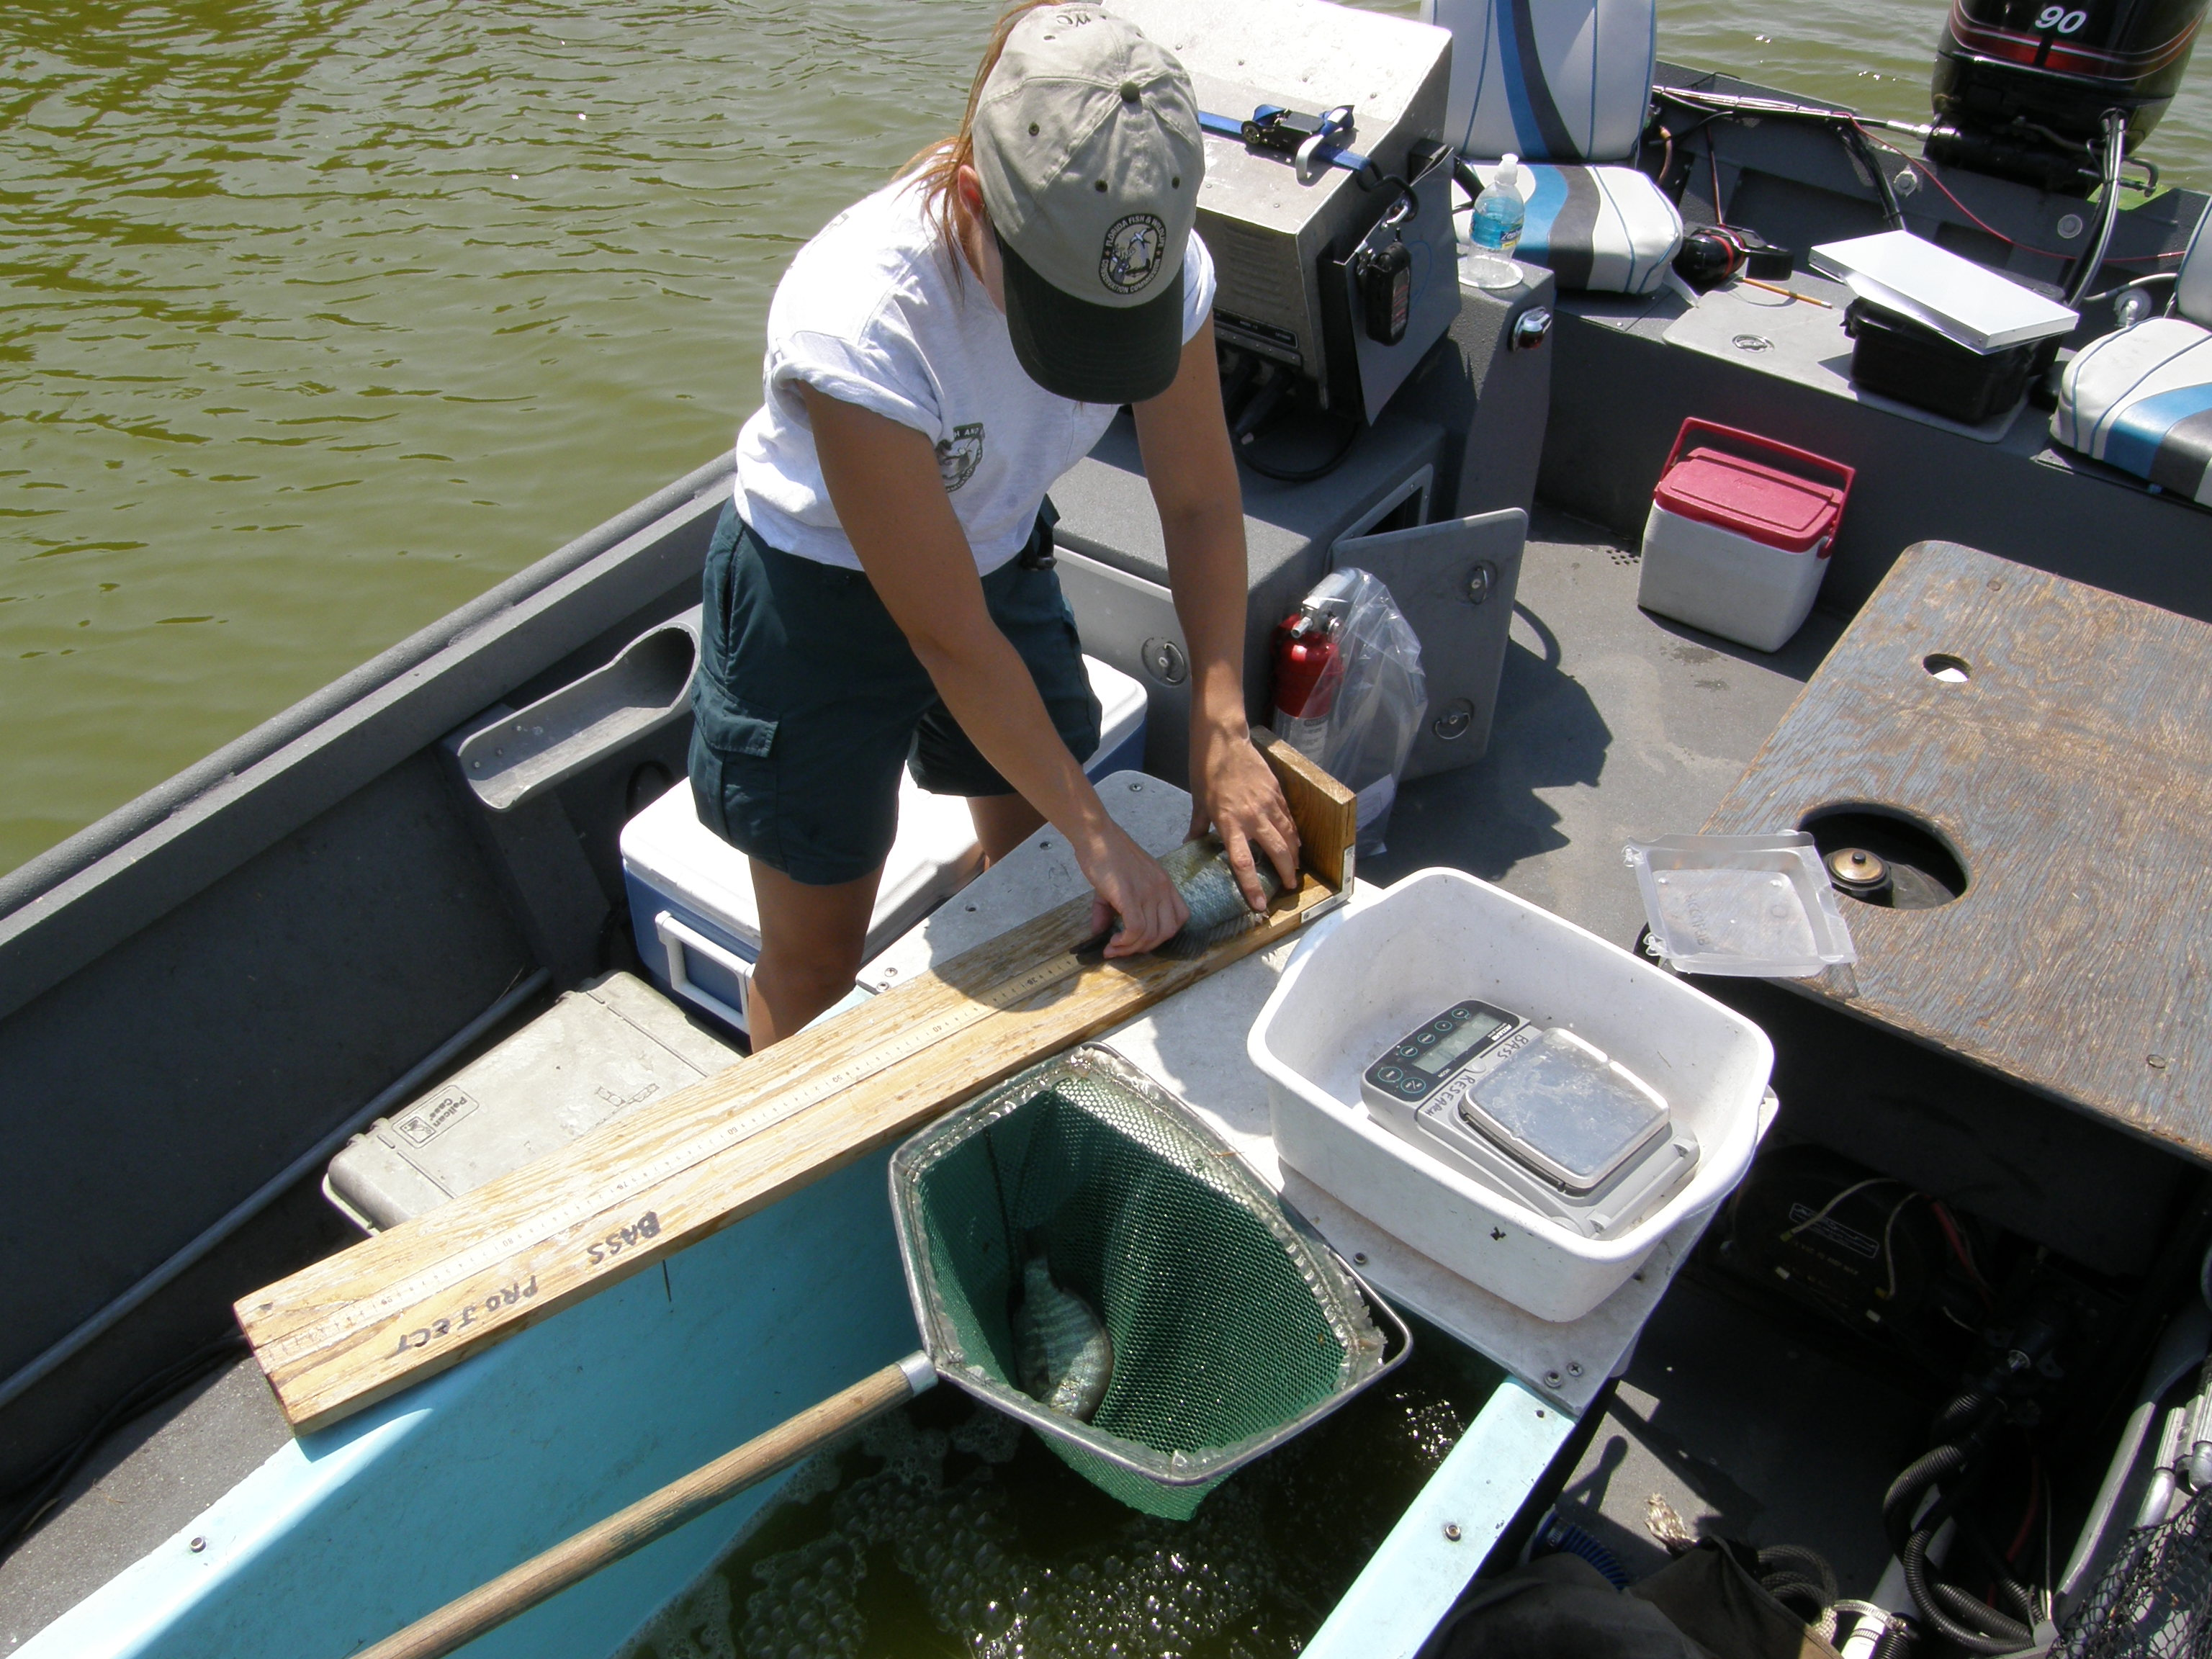 Biologist Measuring Fish During A Routine Sampling Trip